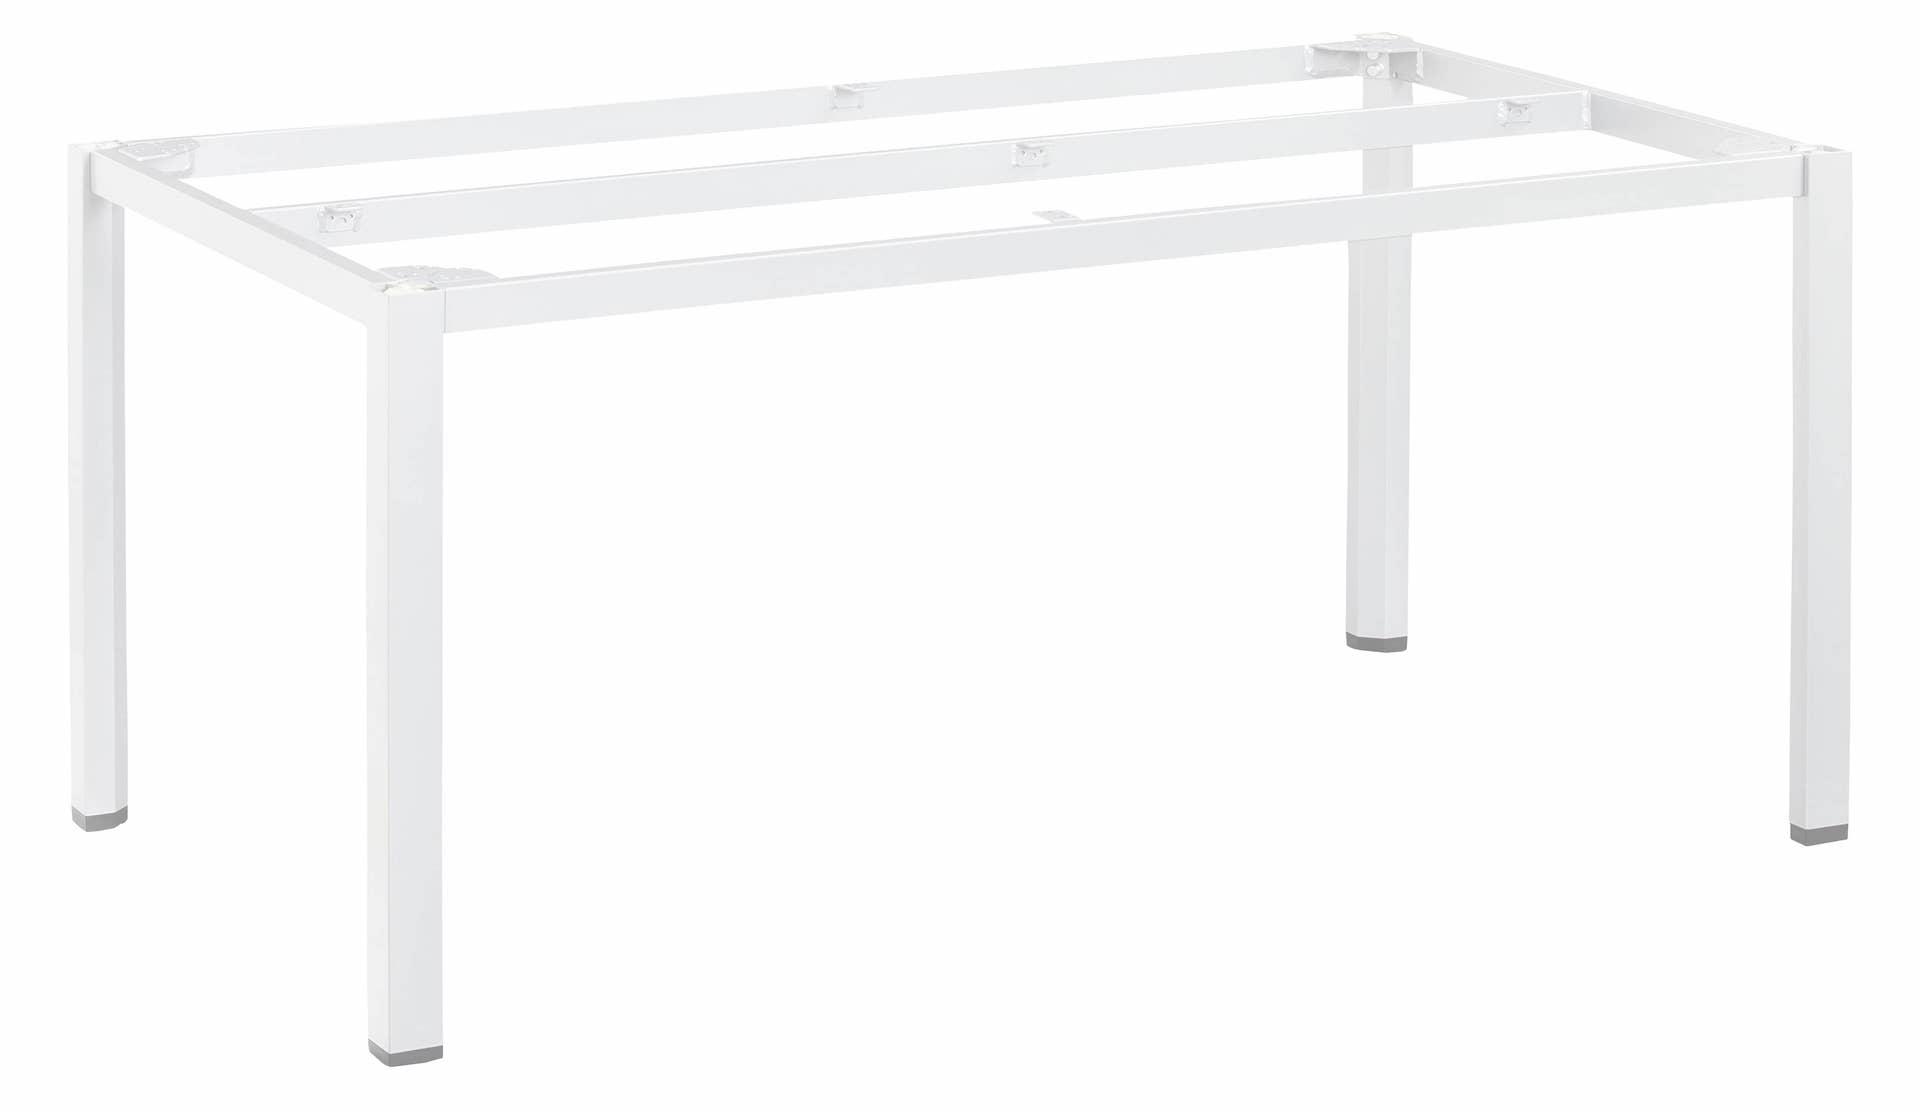 CUBIC ALUMINIUM Tischgestell 160 x 95 cm